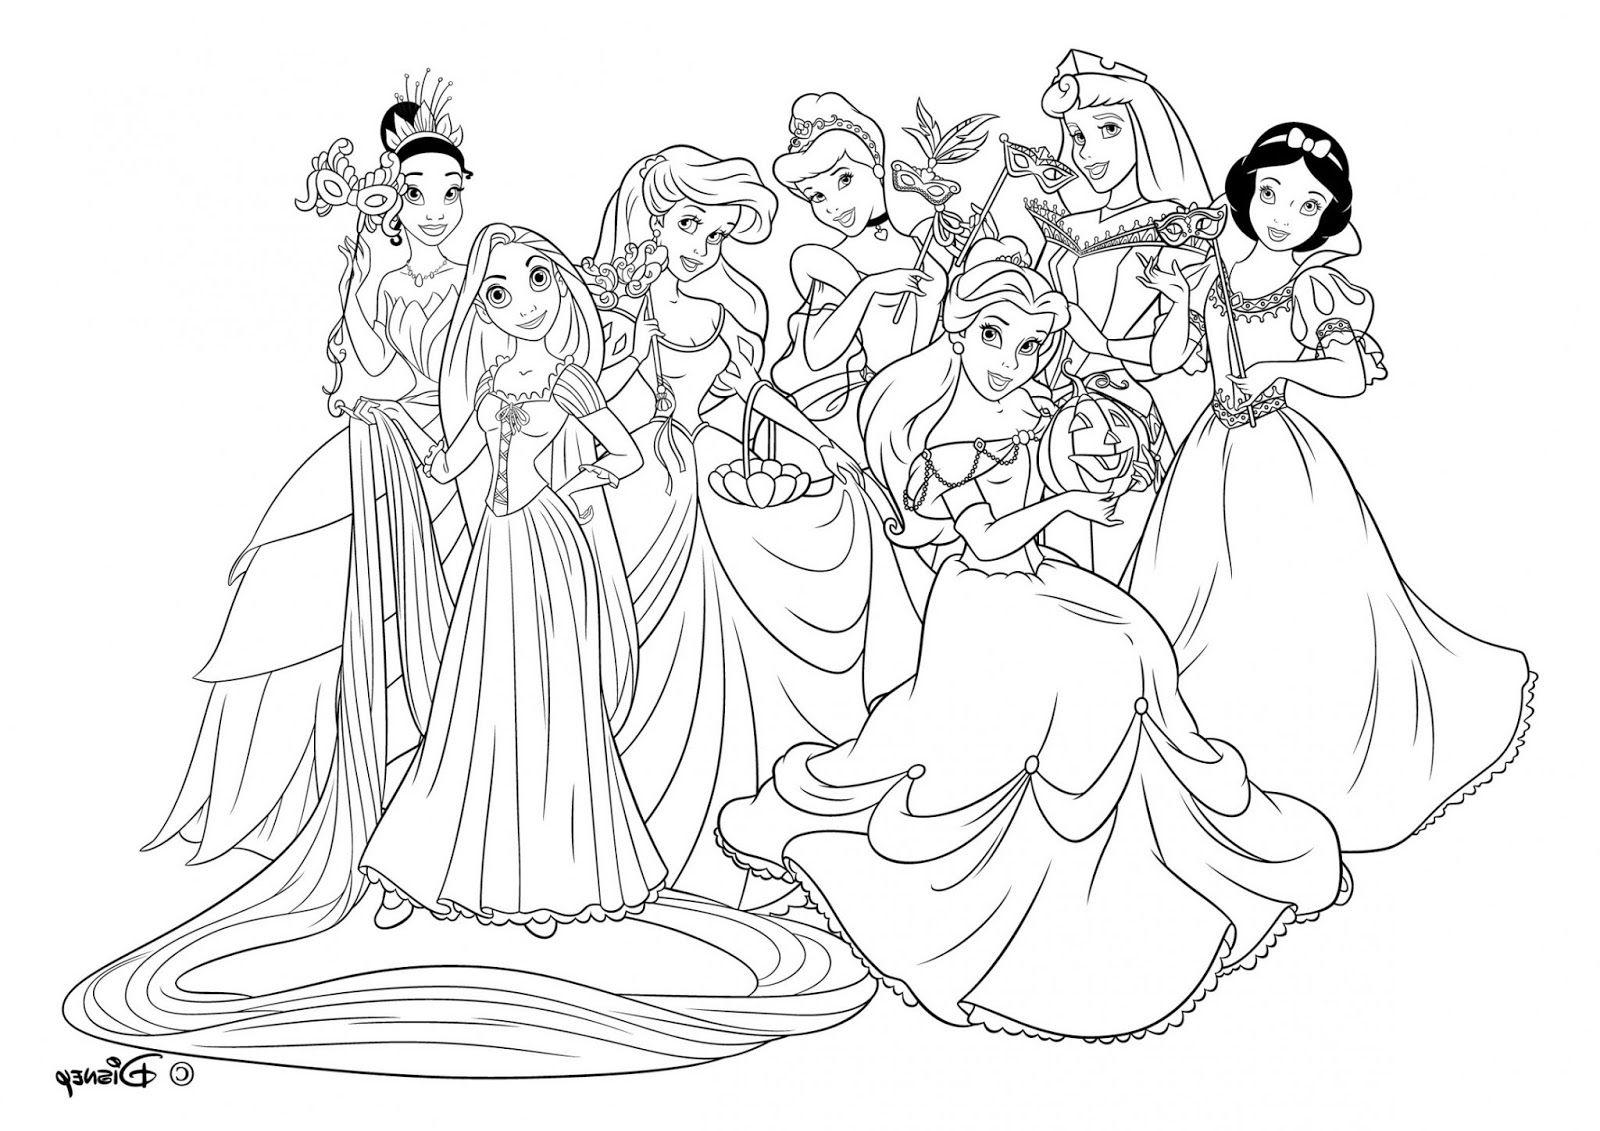 Coloriage Princesse Coloriage Princesse Disney Coloriage Princesse Coloriage A Imprimer Princesse